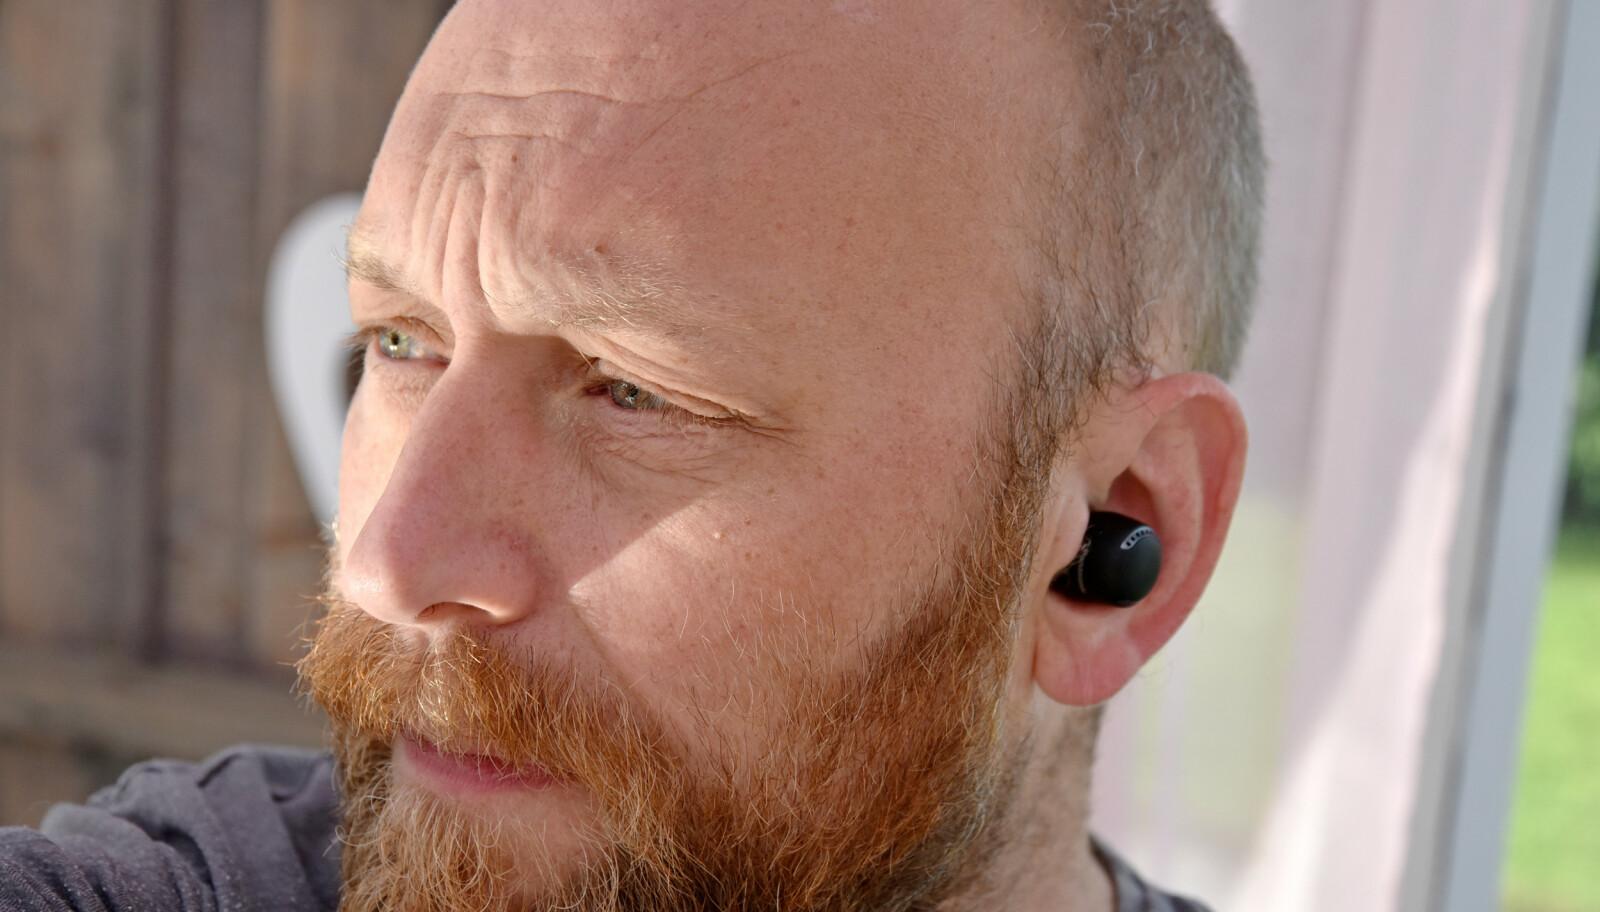 SYNES GODT: Panasonic RZ-S500W-proppene stikker godt ut av øret, men sitter godt, selv uten vinger. I pakken får du med fem par øretupper i ulike størrelser. Foto: Pål Joakim Pollen